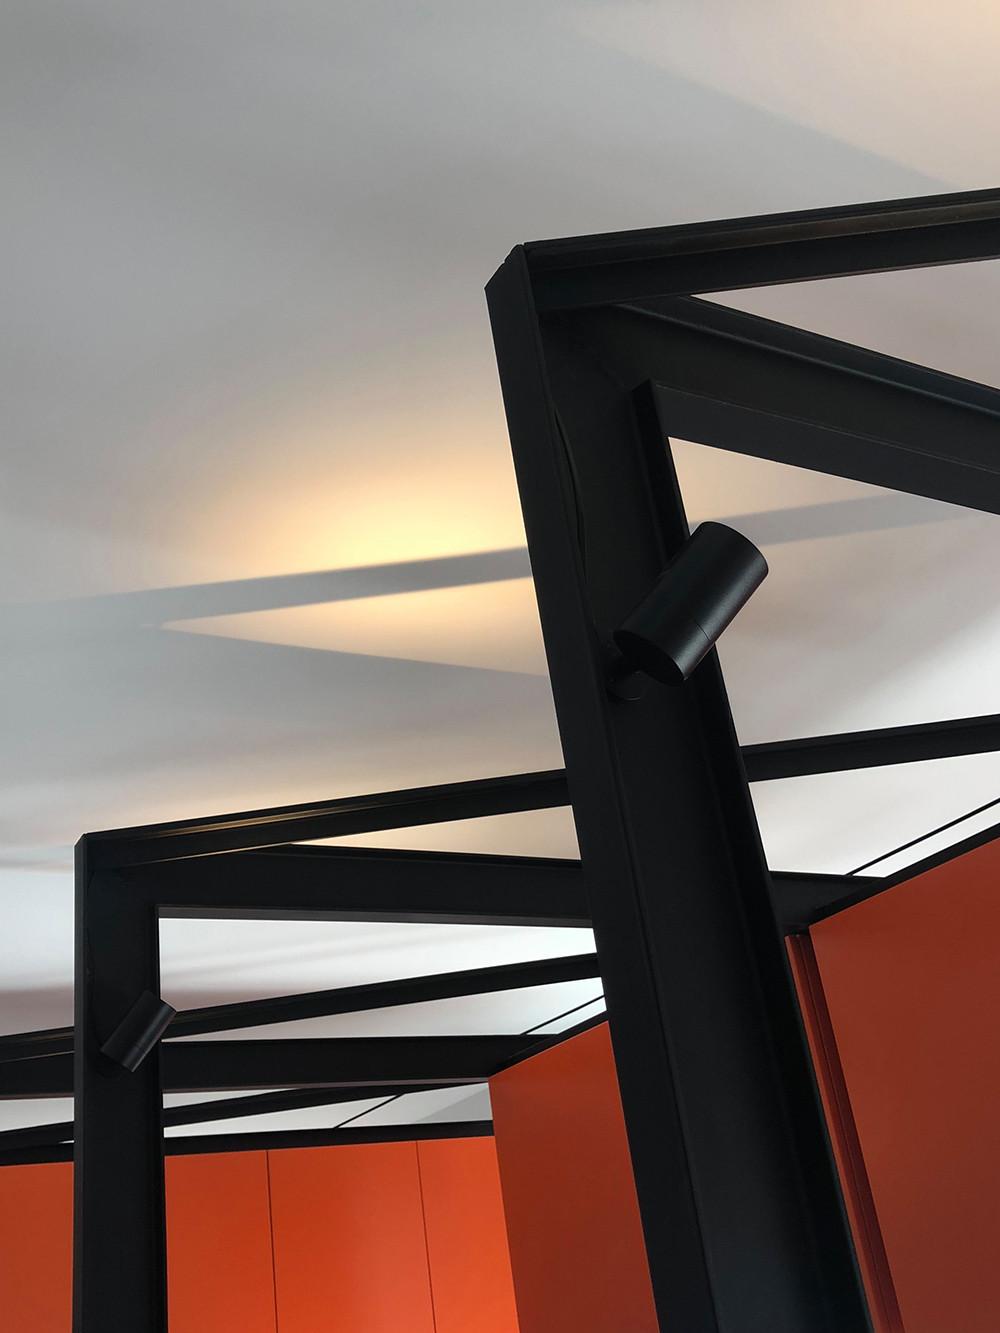 Detalle de la estructura de la cocina y la iluminación.